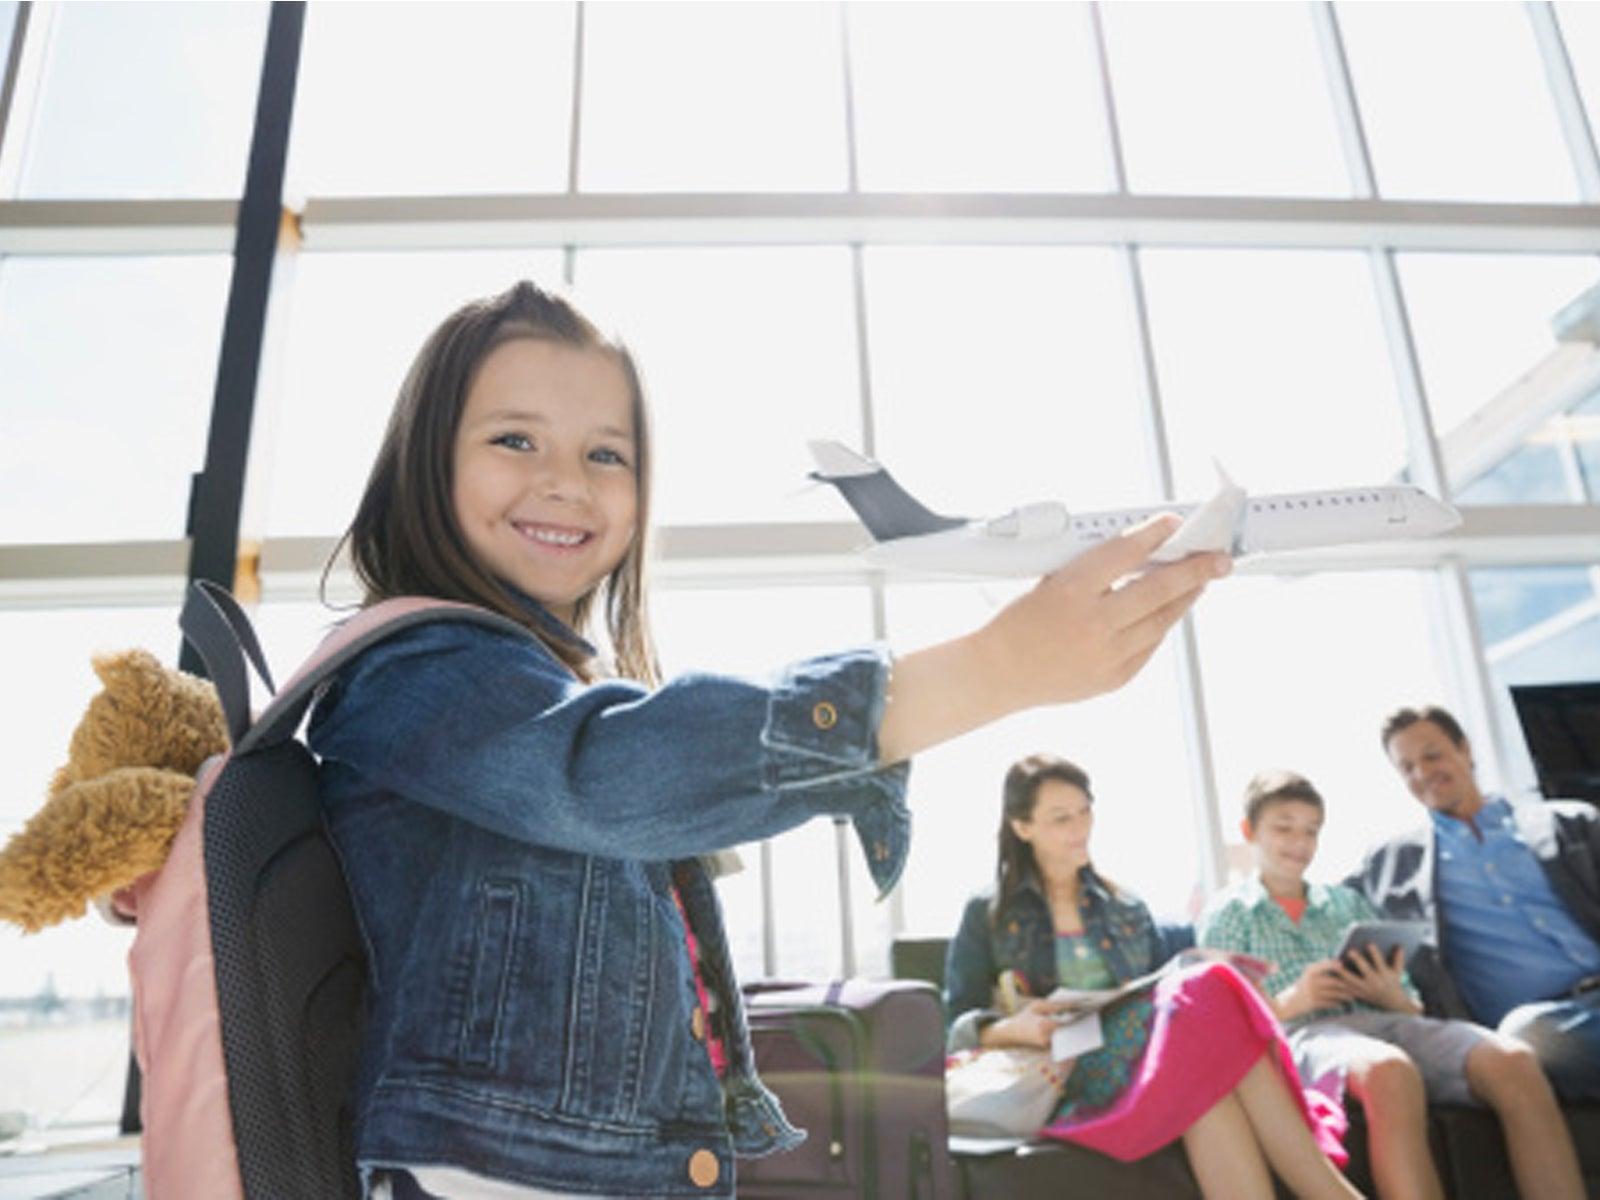 niña jugando en el aeropuerto